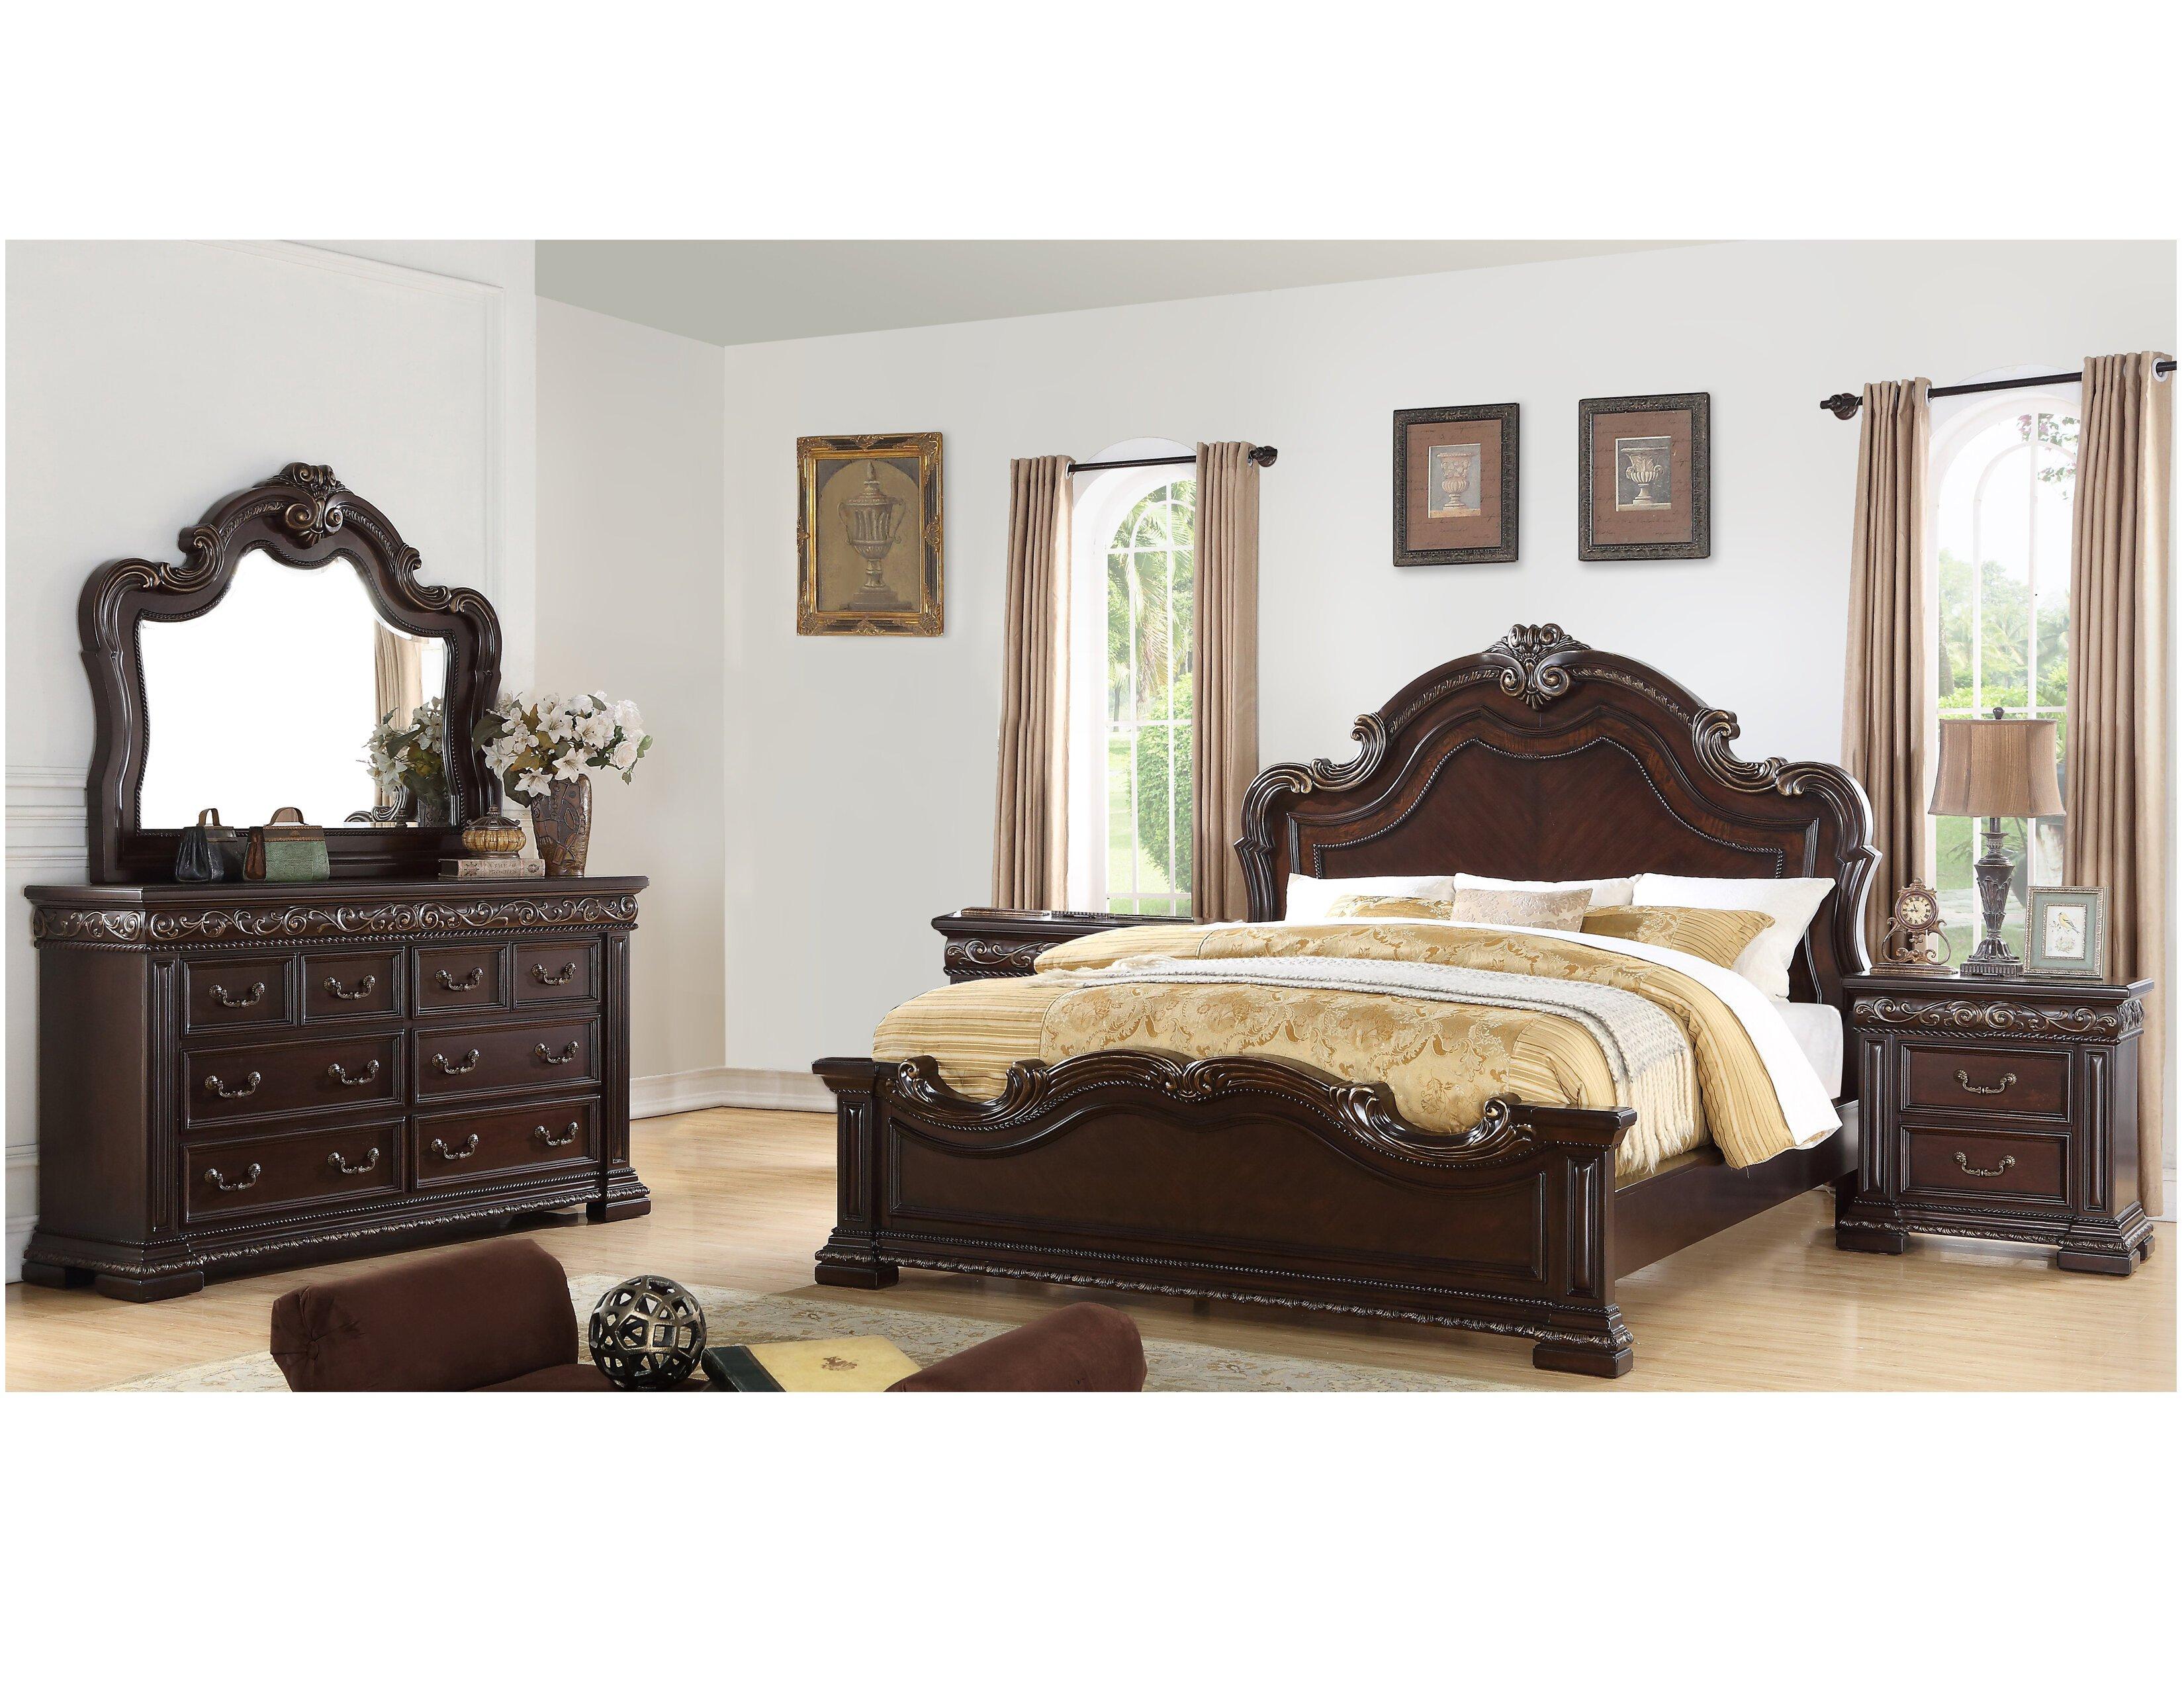 Solid Oak Bedroom Furniture Elegant Bannruod Standard solid Wood 5 Piece Bedroom Set